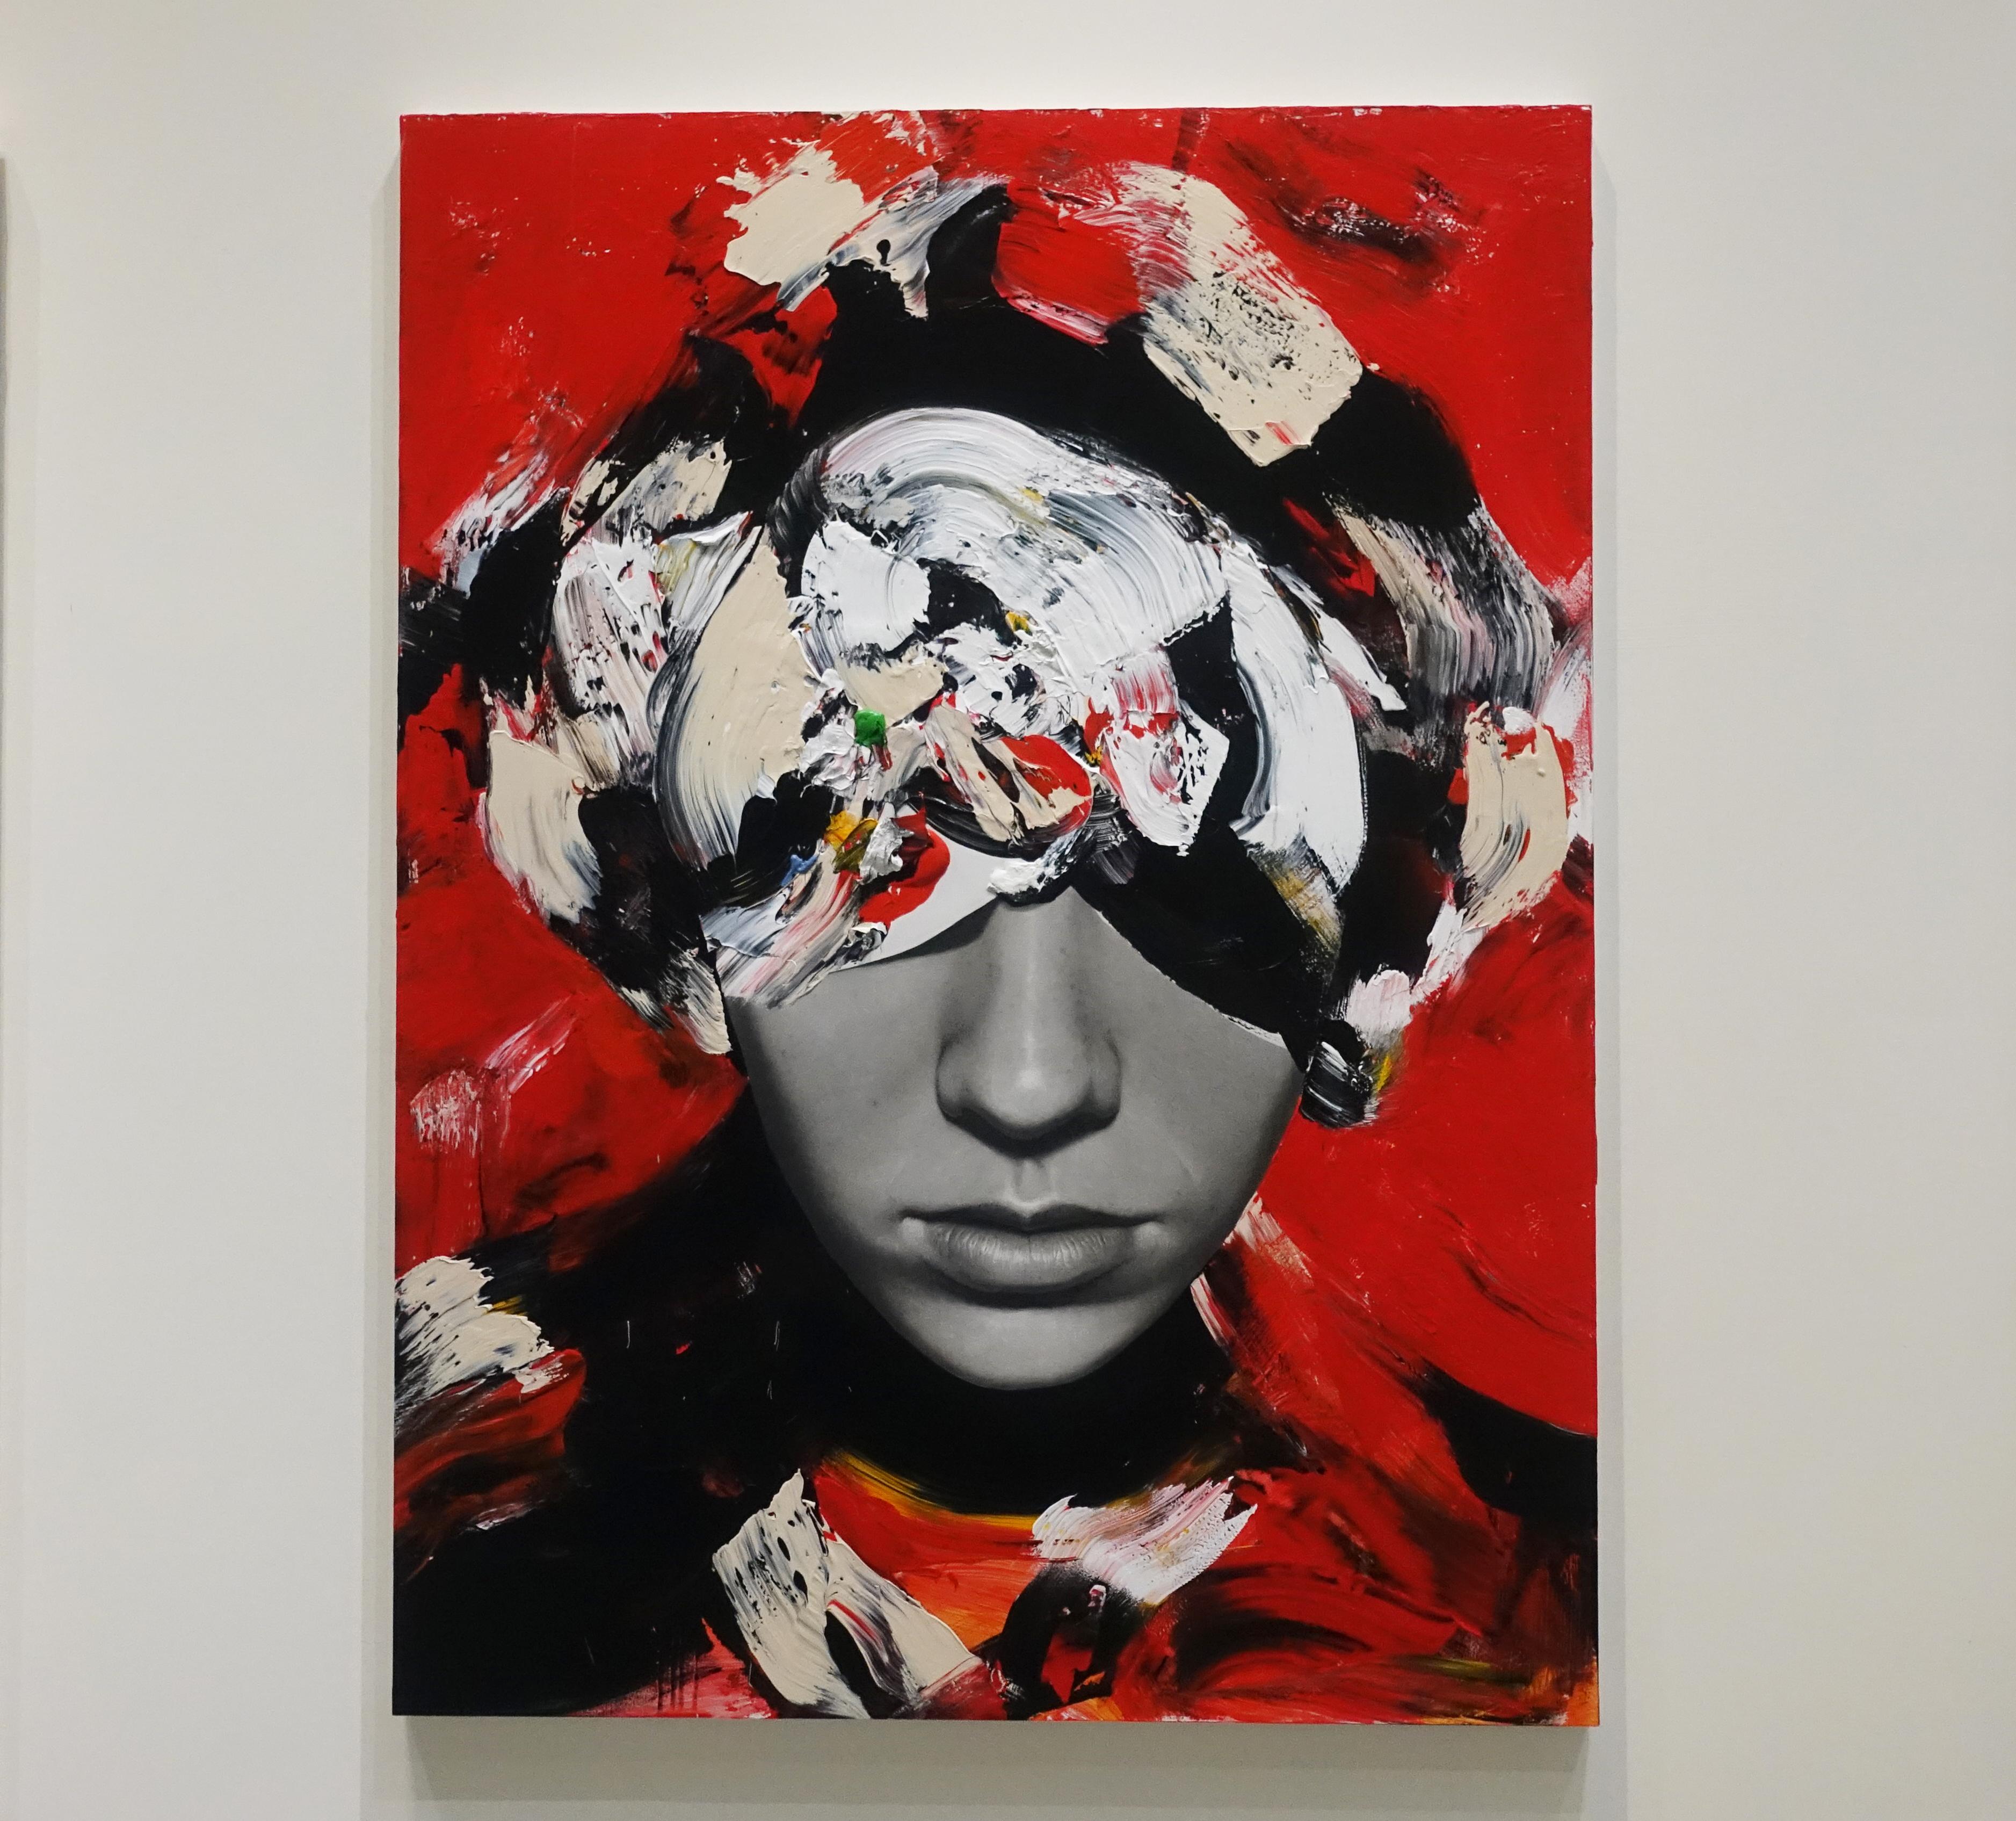 佐藤誠高,《Woman in red dress》,130 x 97 cm,鉛筆、壓克力、紙、木板,2019。